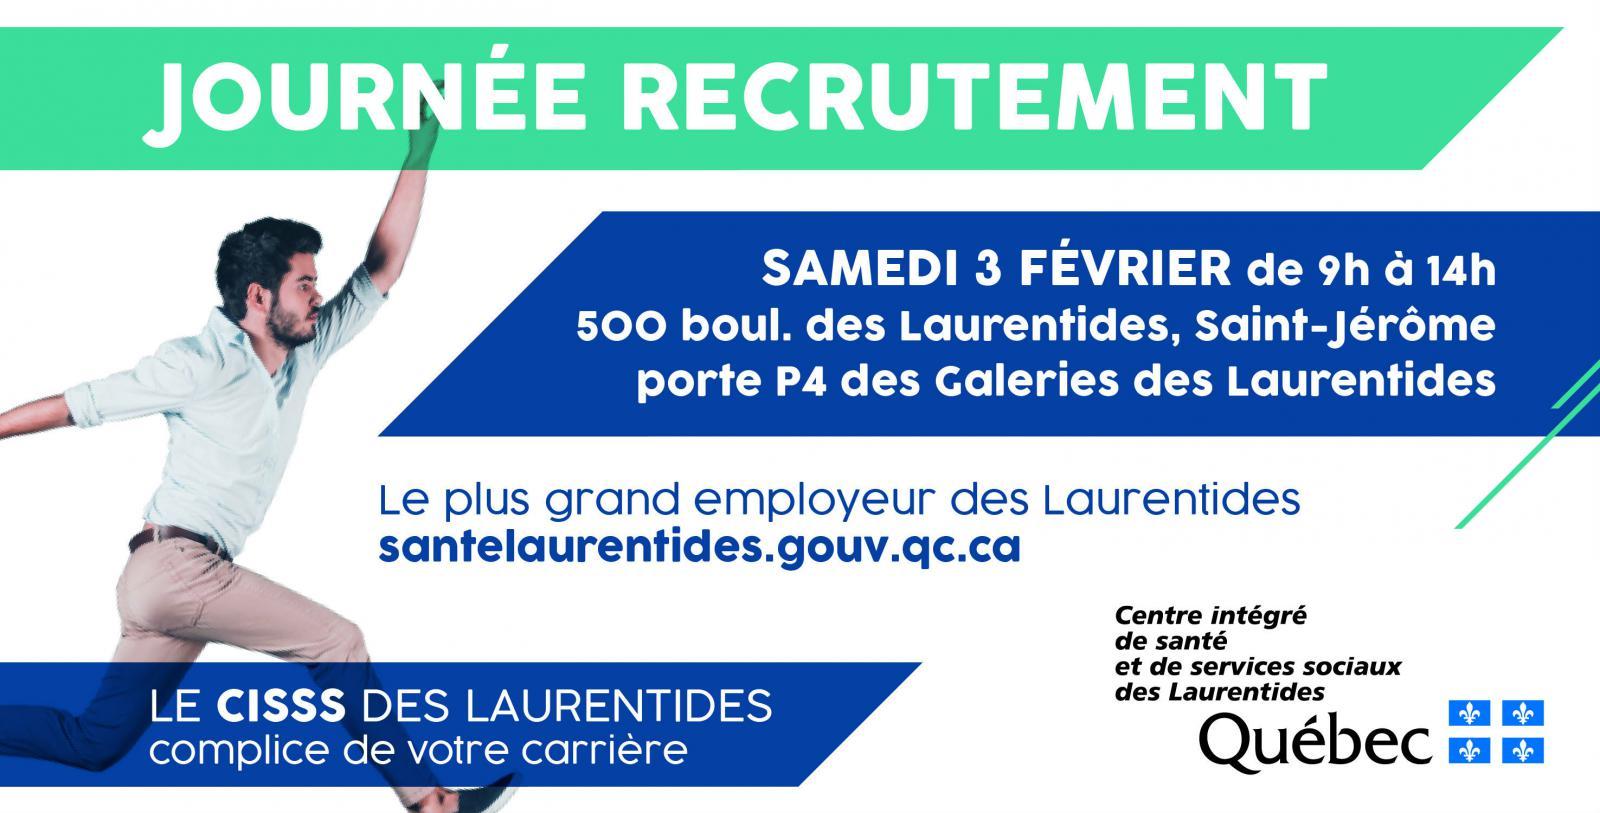 Journée recrutement samedi 3 février de 9h à 14h. 500 boul. des Laurentides, Saint-Jérôme, porte P4 des Galeries des Laurentides. Le plus grand employeur des Laurentides.